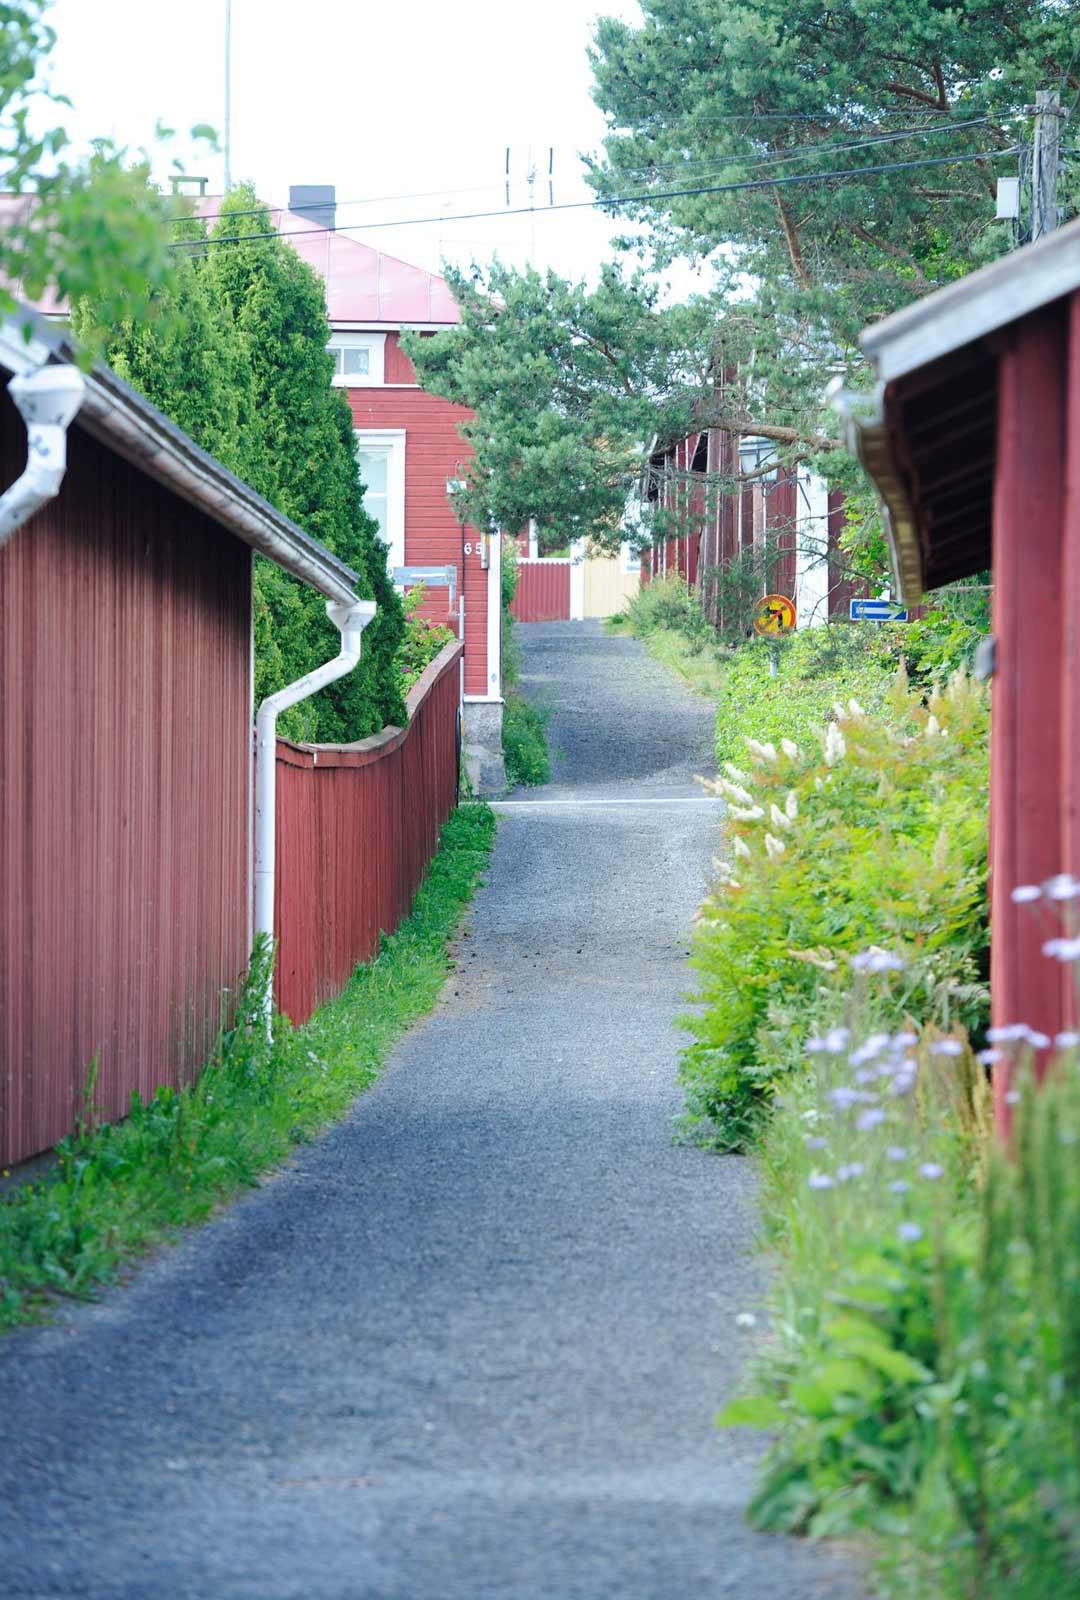 Kissanpiiskaajankuja on Suomen kapein katu, jolla on kaksisuuntaista liikennettä.